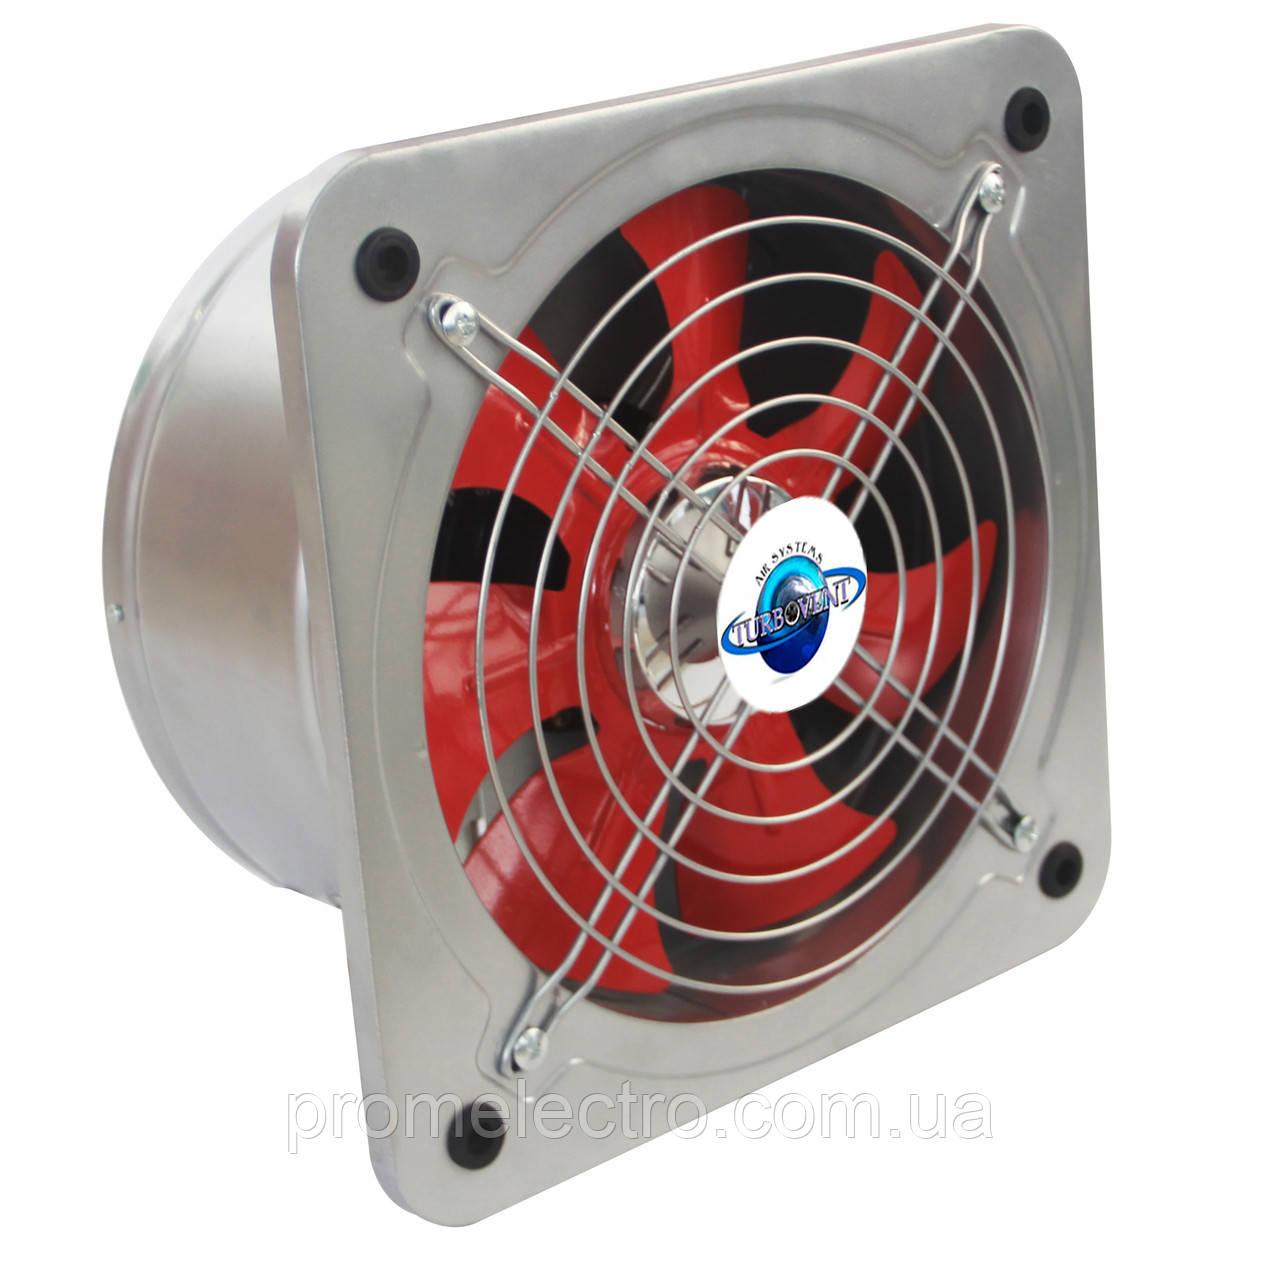 Настенные вентиляторы с обратным клапаном Турбовент НОК 250